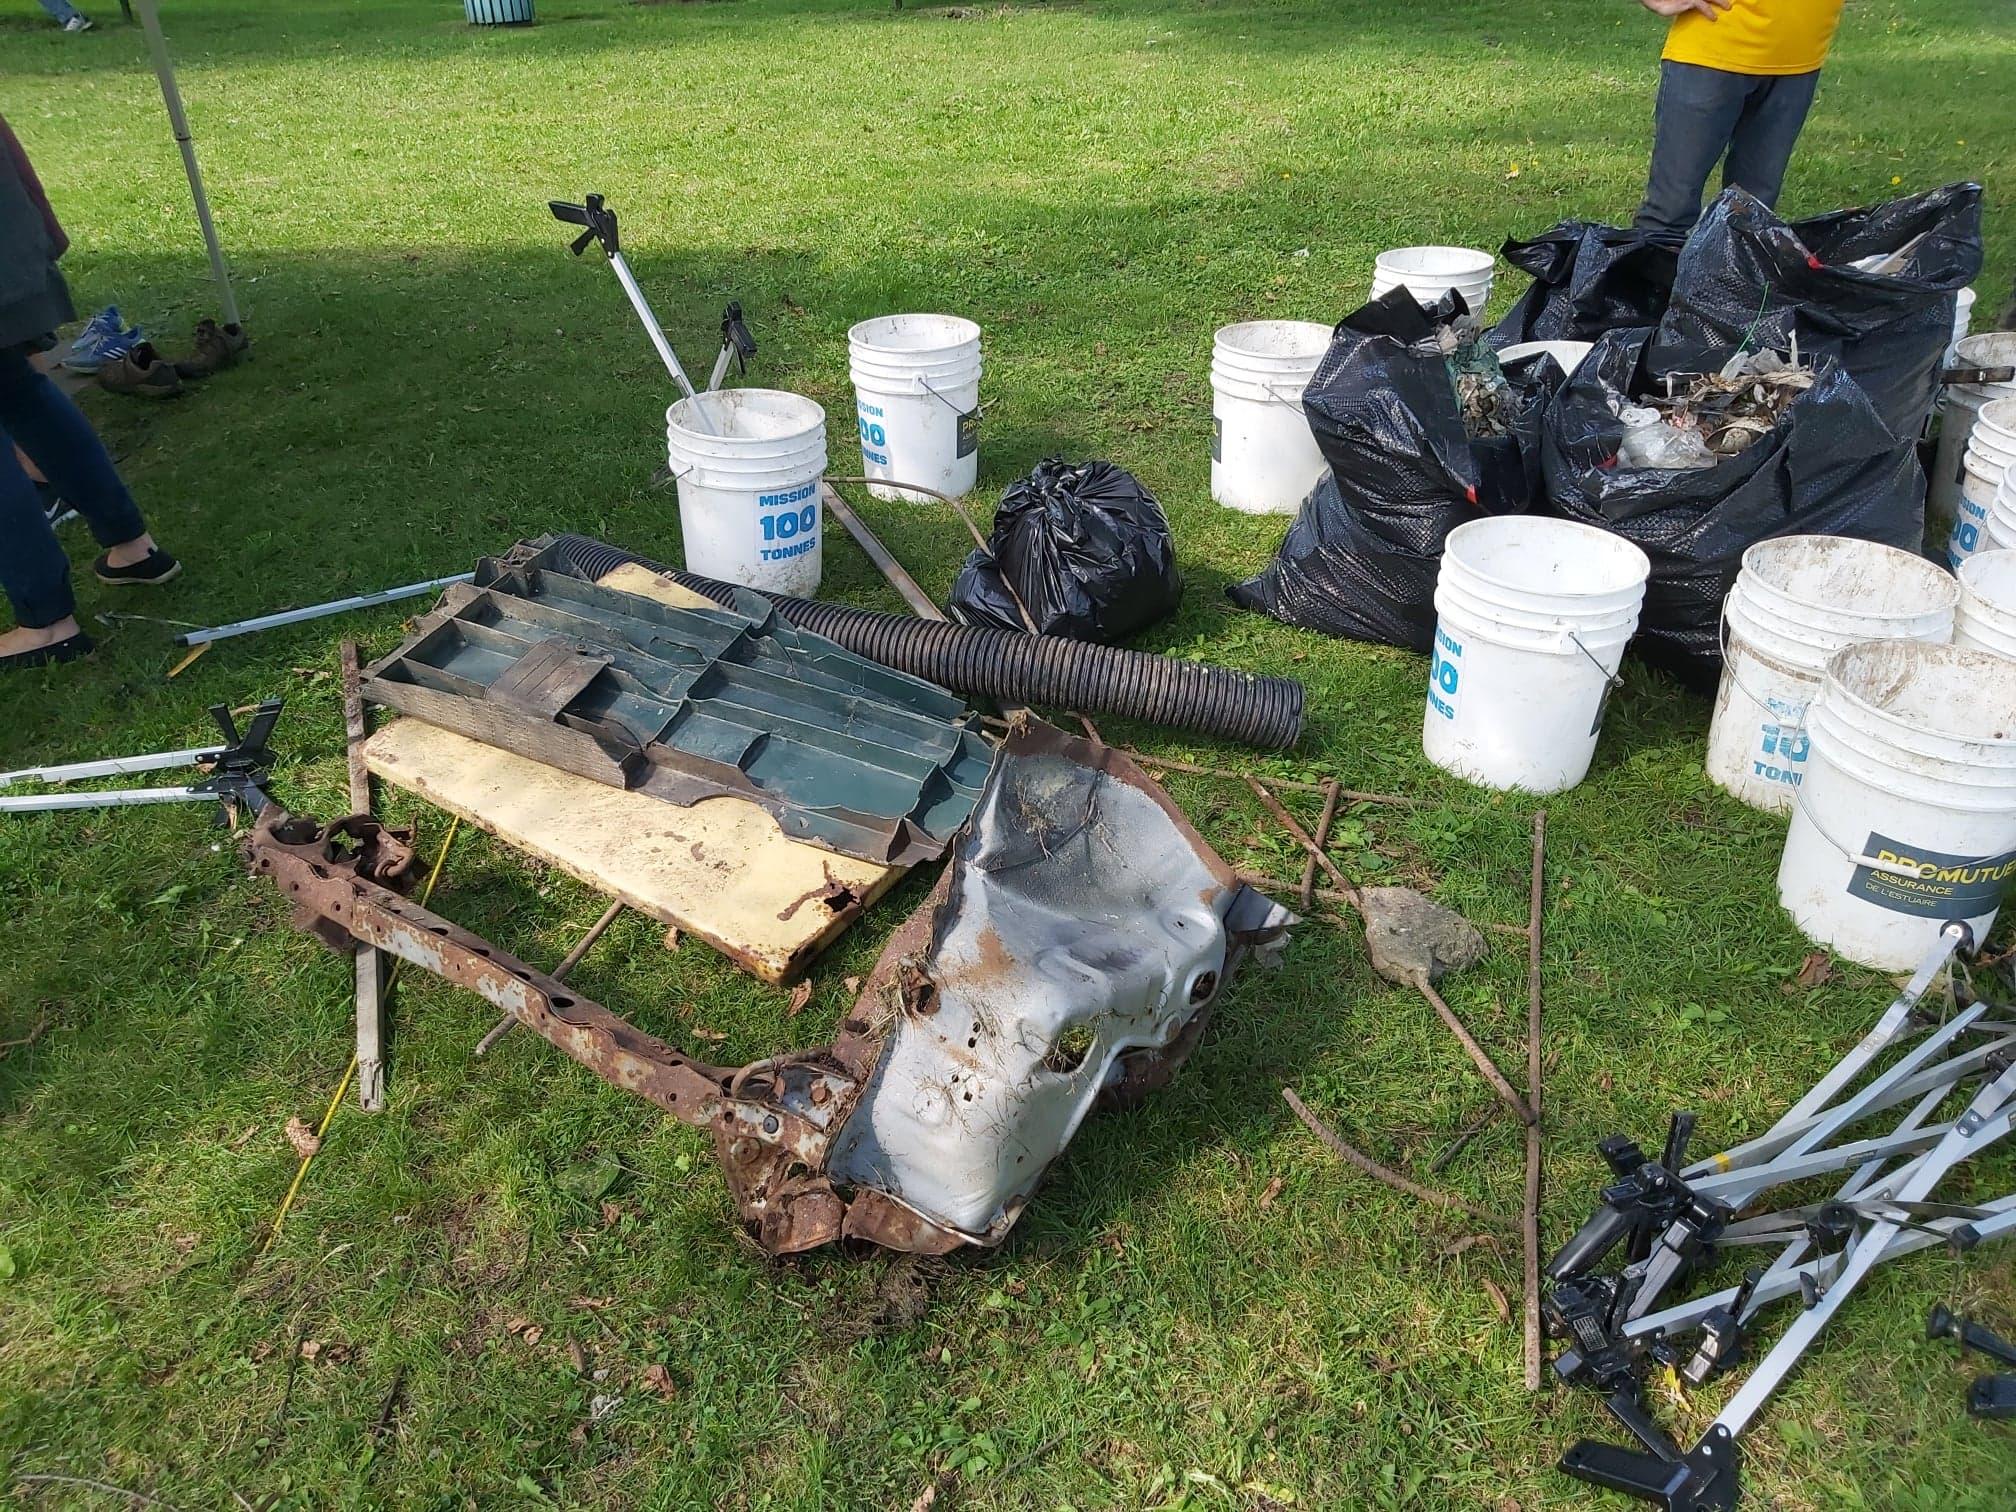 Certains déchets ramassés lors de la corvée étaient plus volumineux, comme un châssis d'auto.